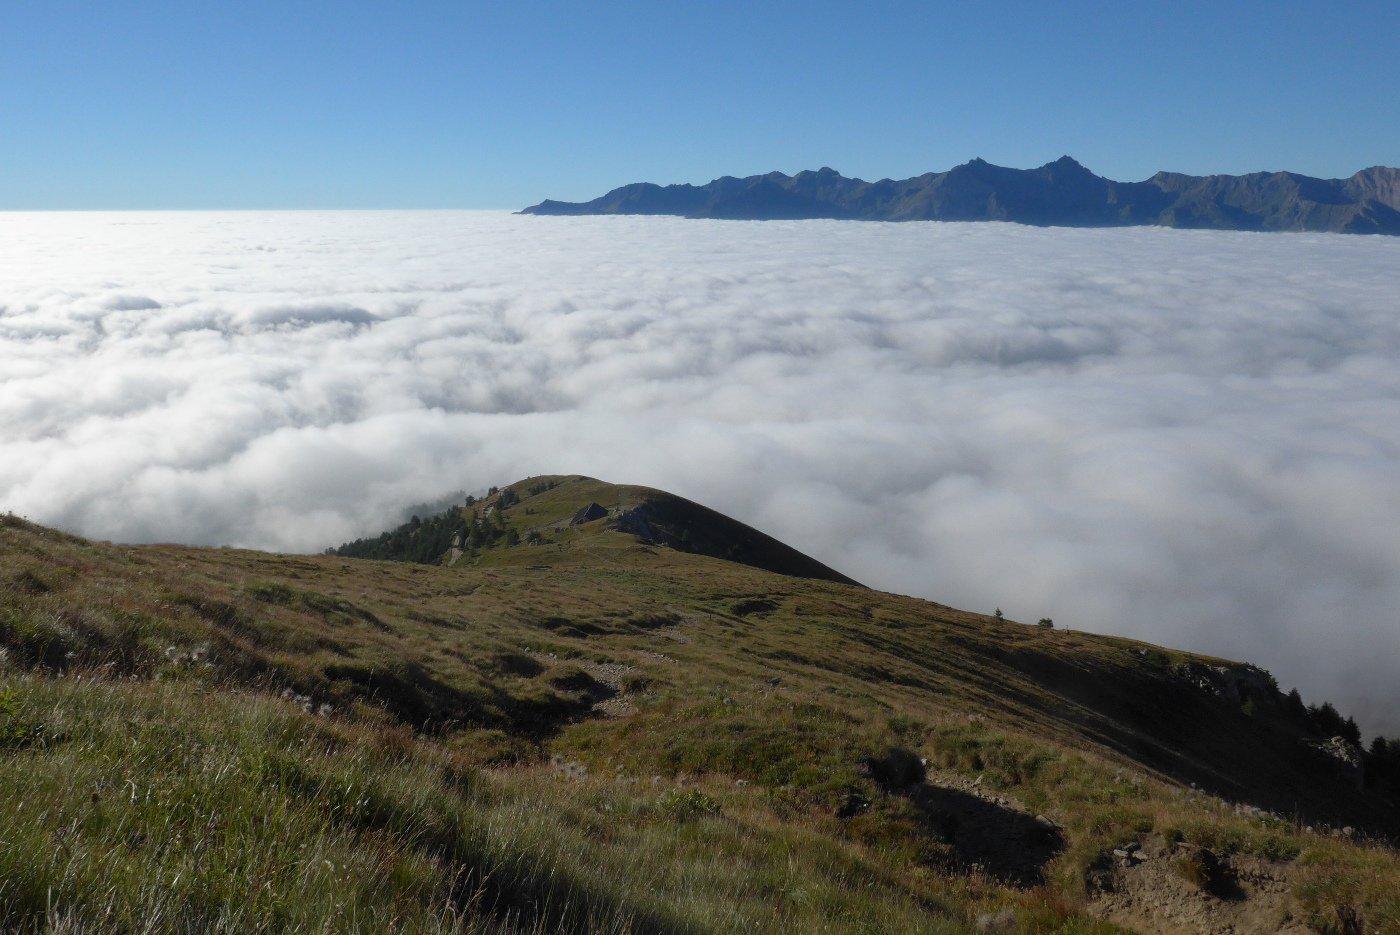 Mare di nuvole in valle